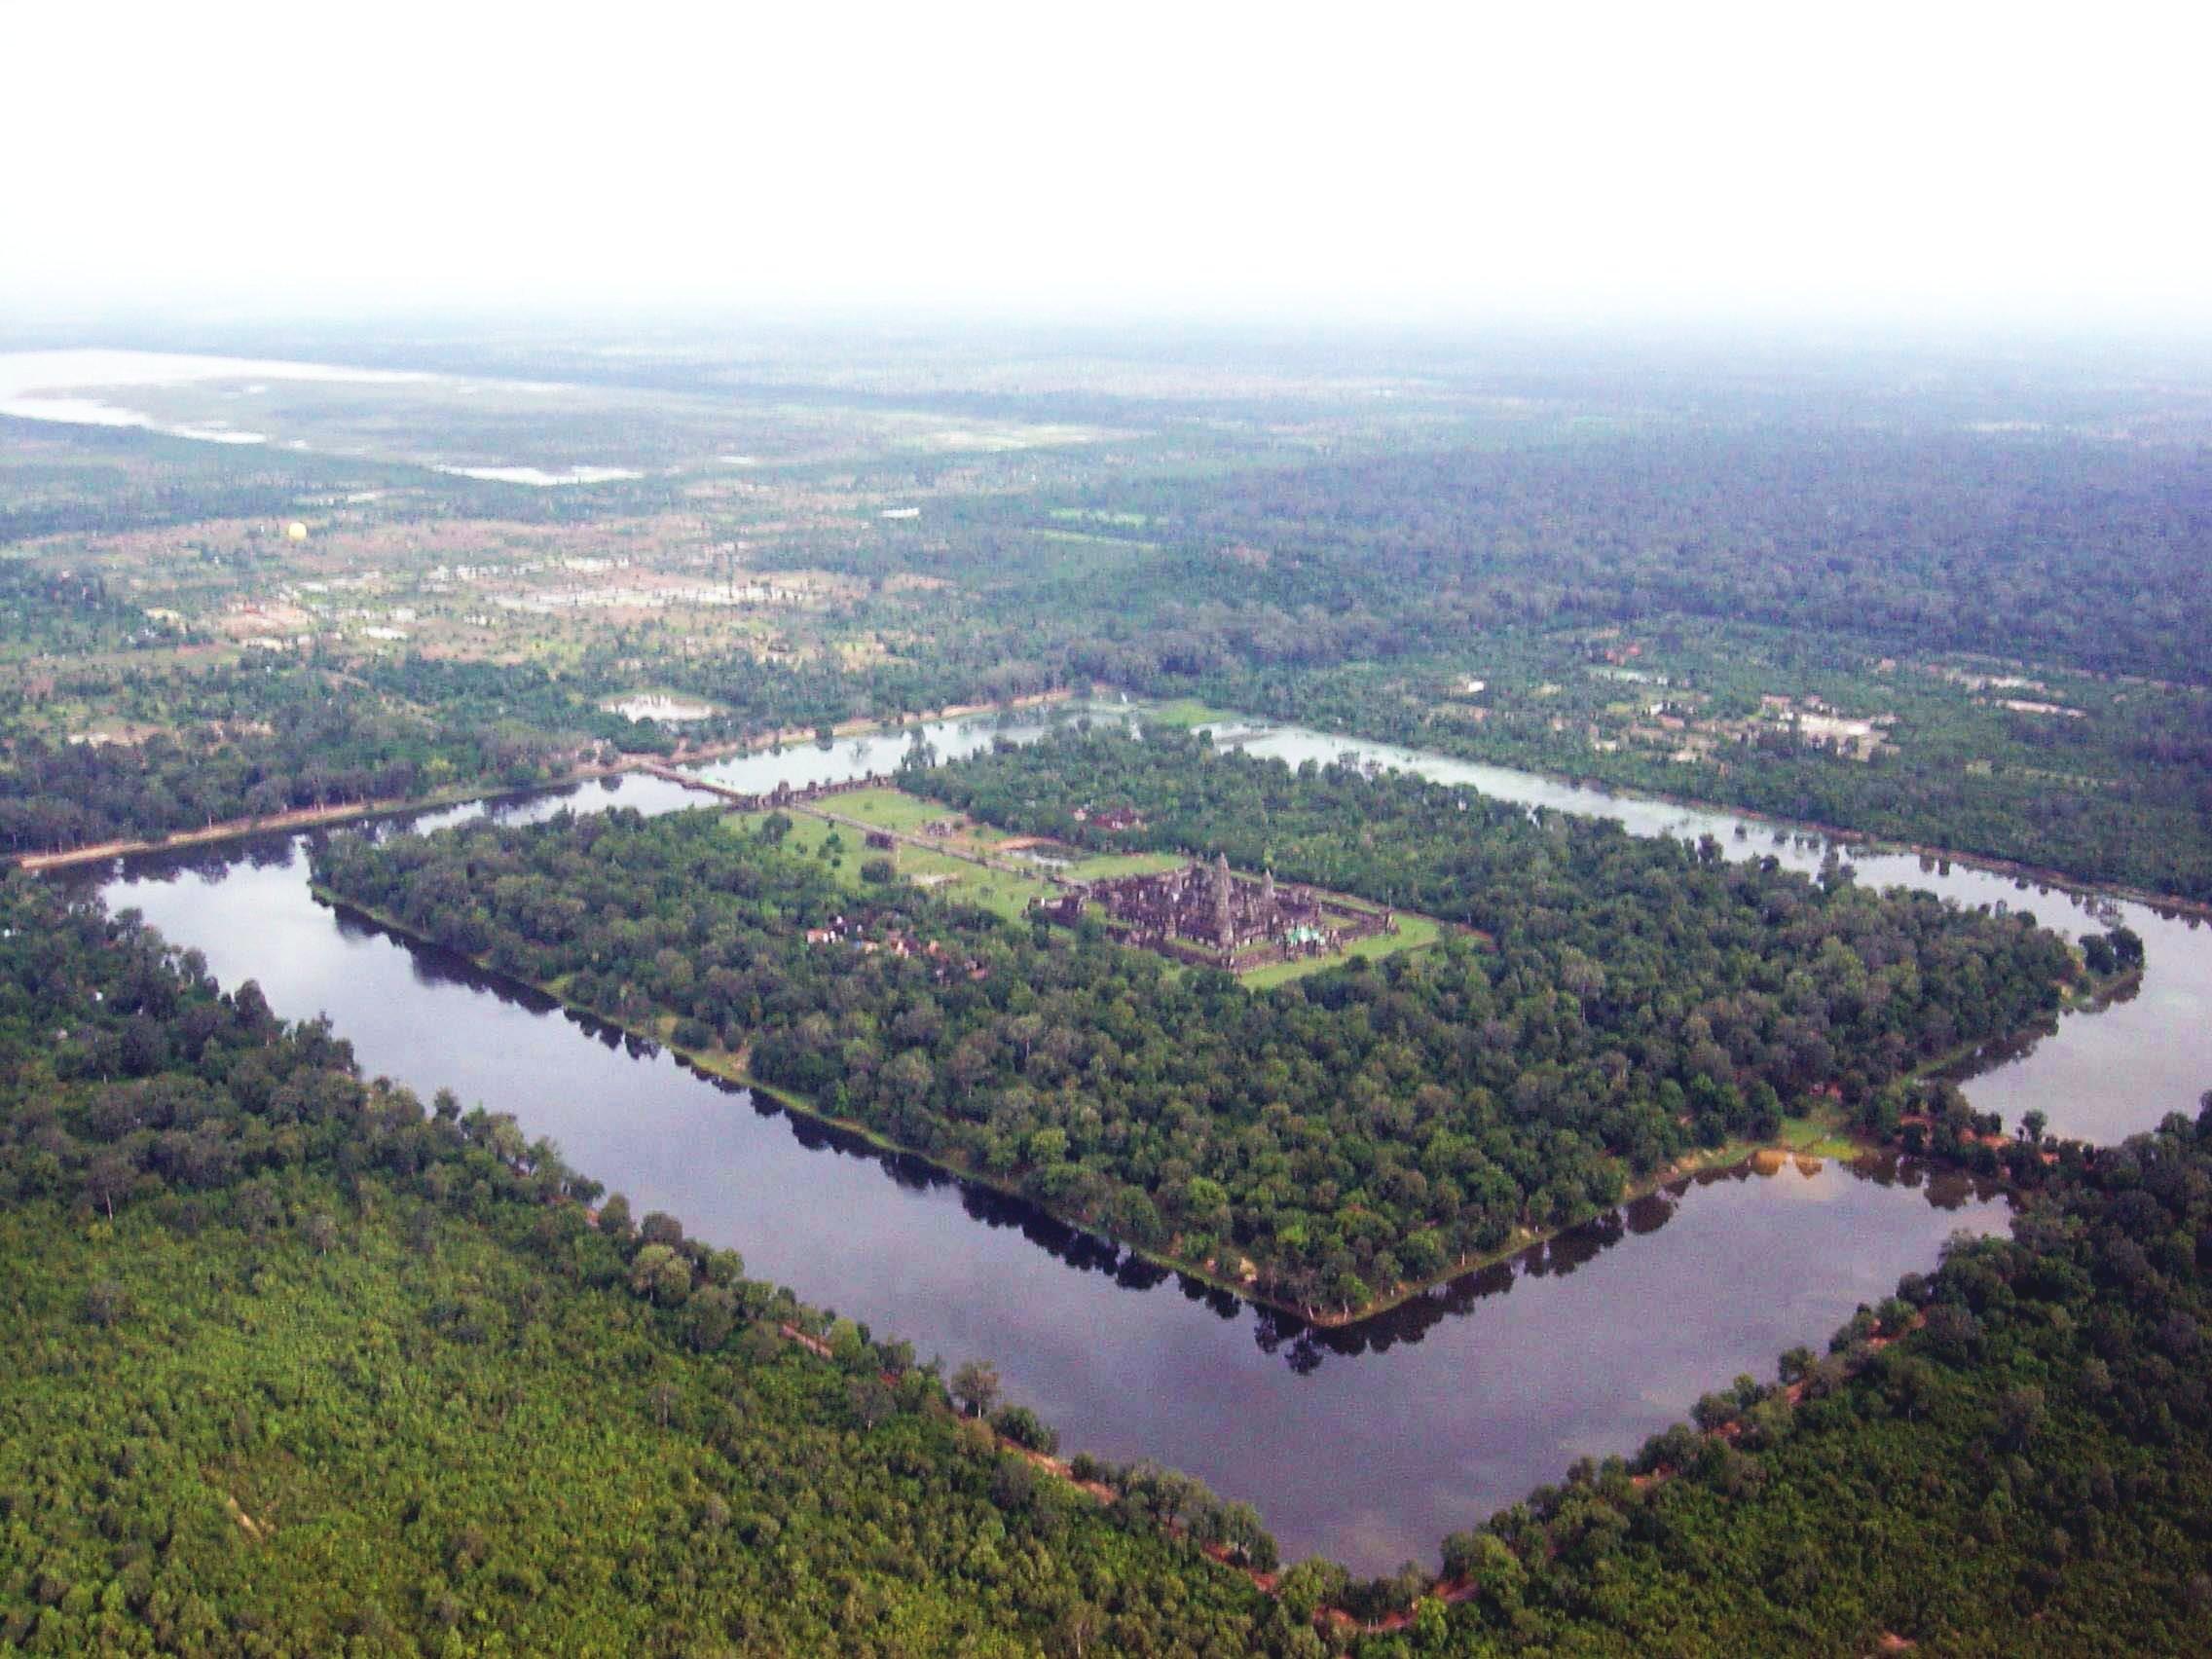 1 Angkor Wat from the air